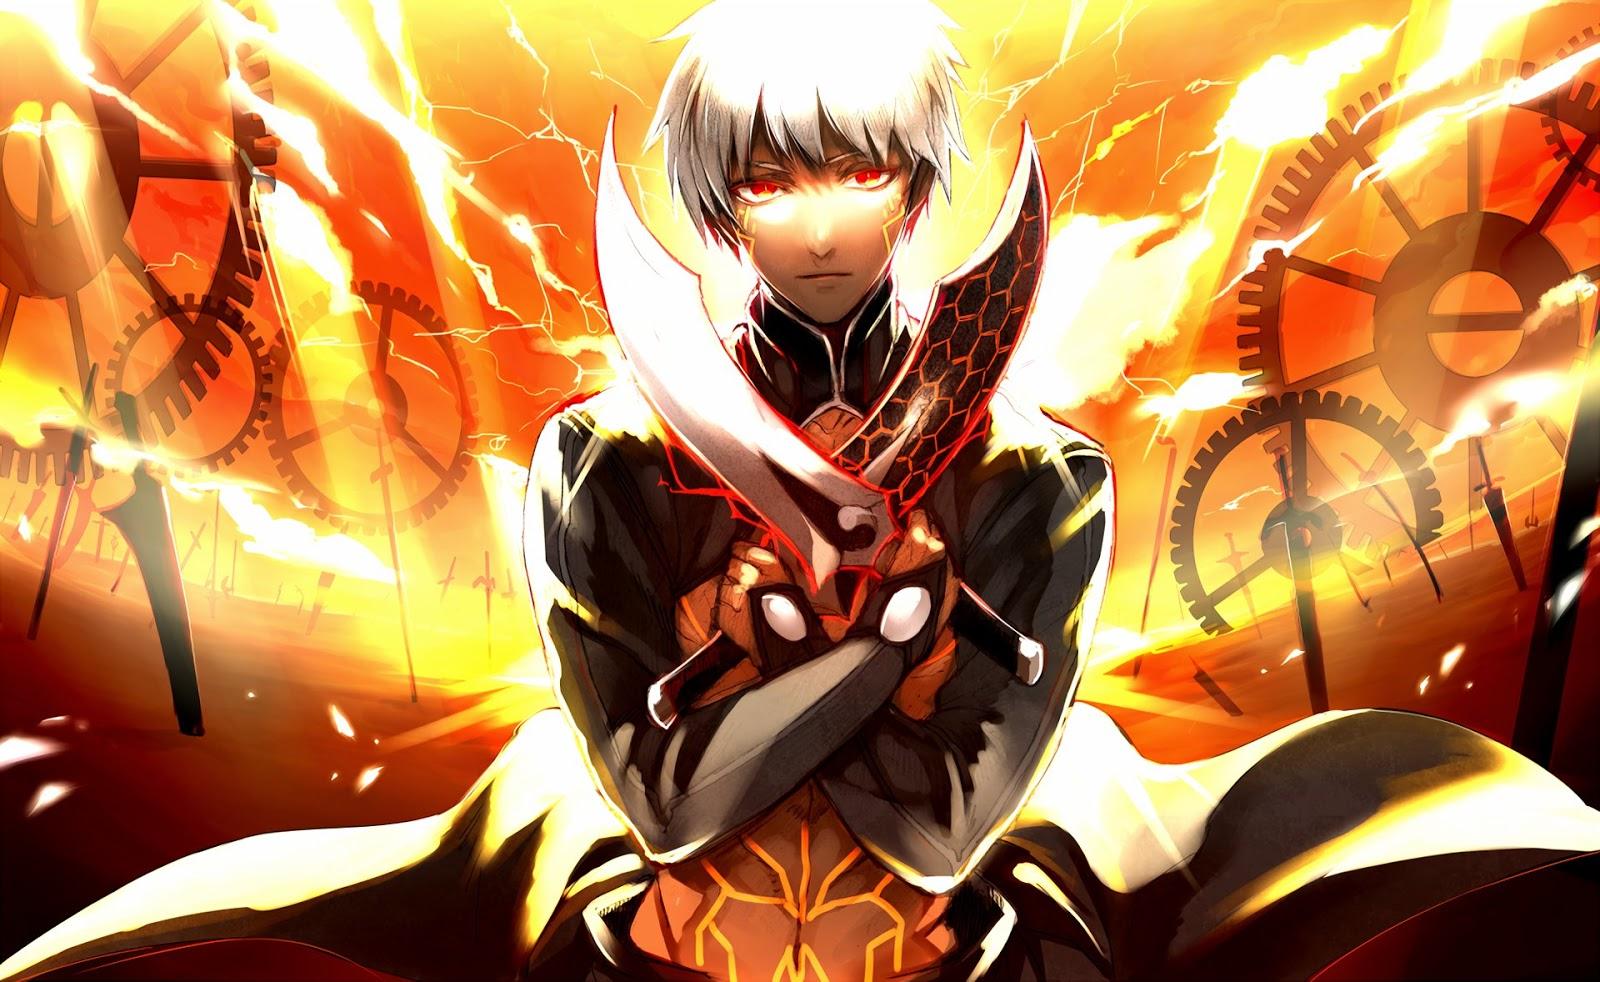 Fate AowVN%2B%2528110%2529 - [ Hình Nền ] Anime Fate/GrandOrder tuyệt đẹp Full HD | Wallpaper